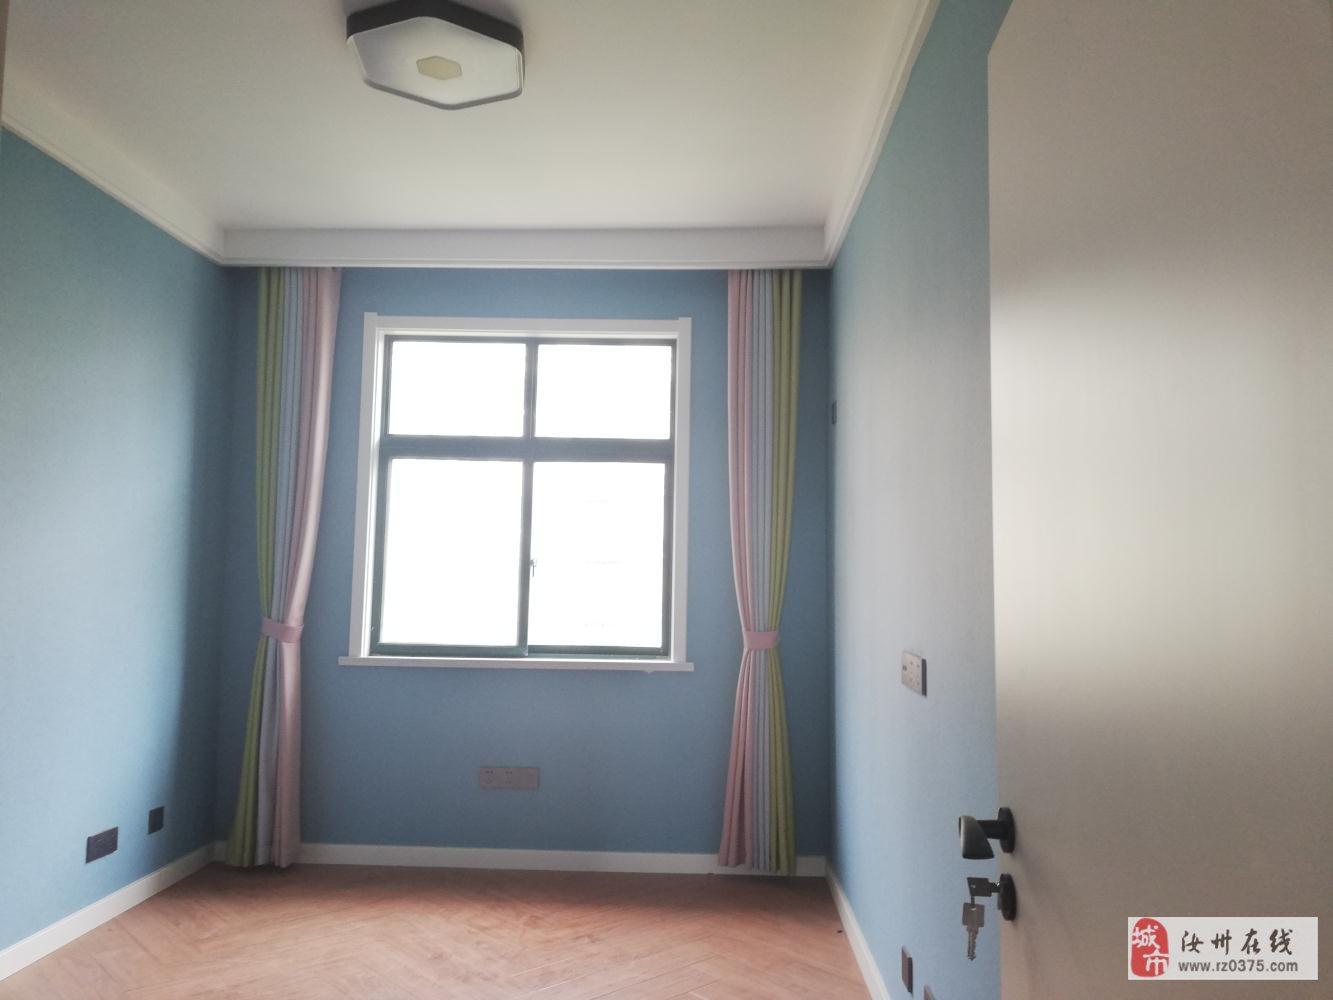 東區福地全新裝修電梯房中間層三室可分期